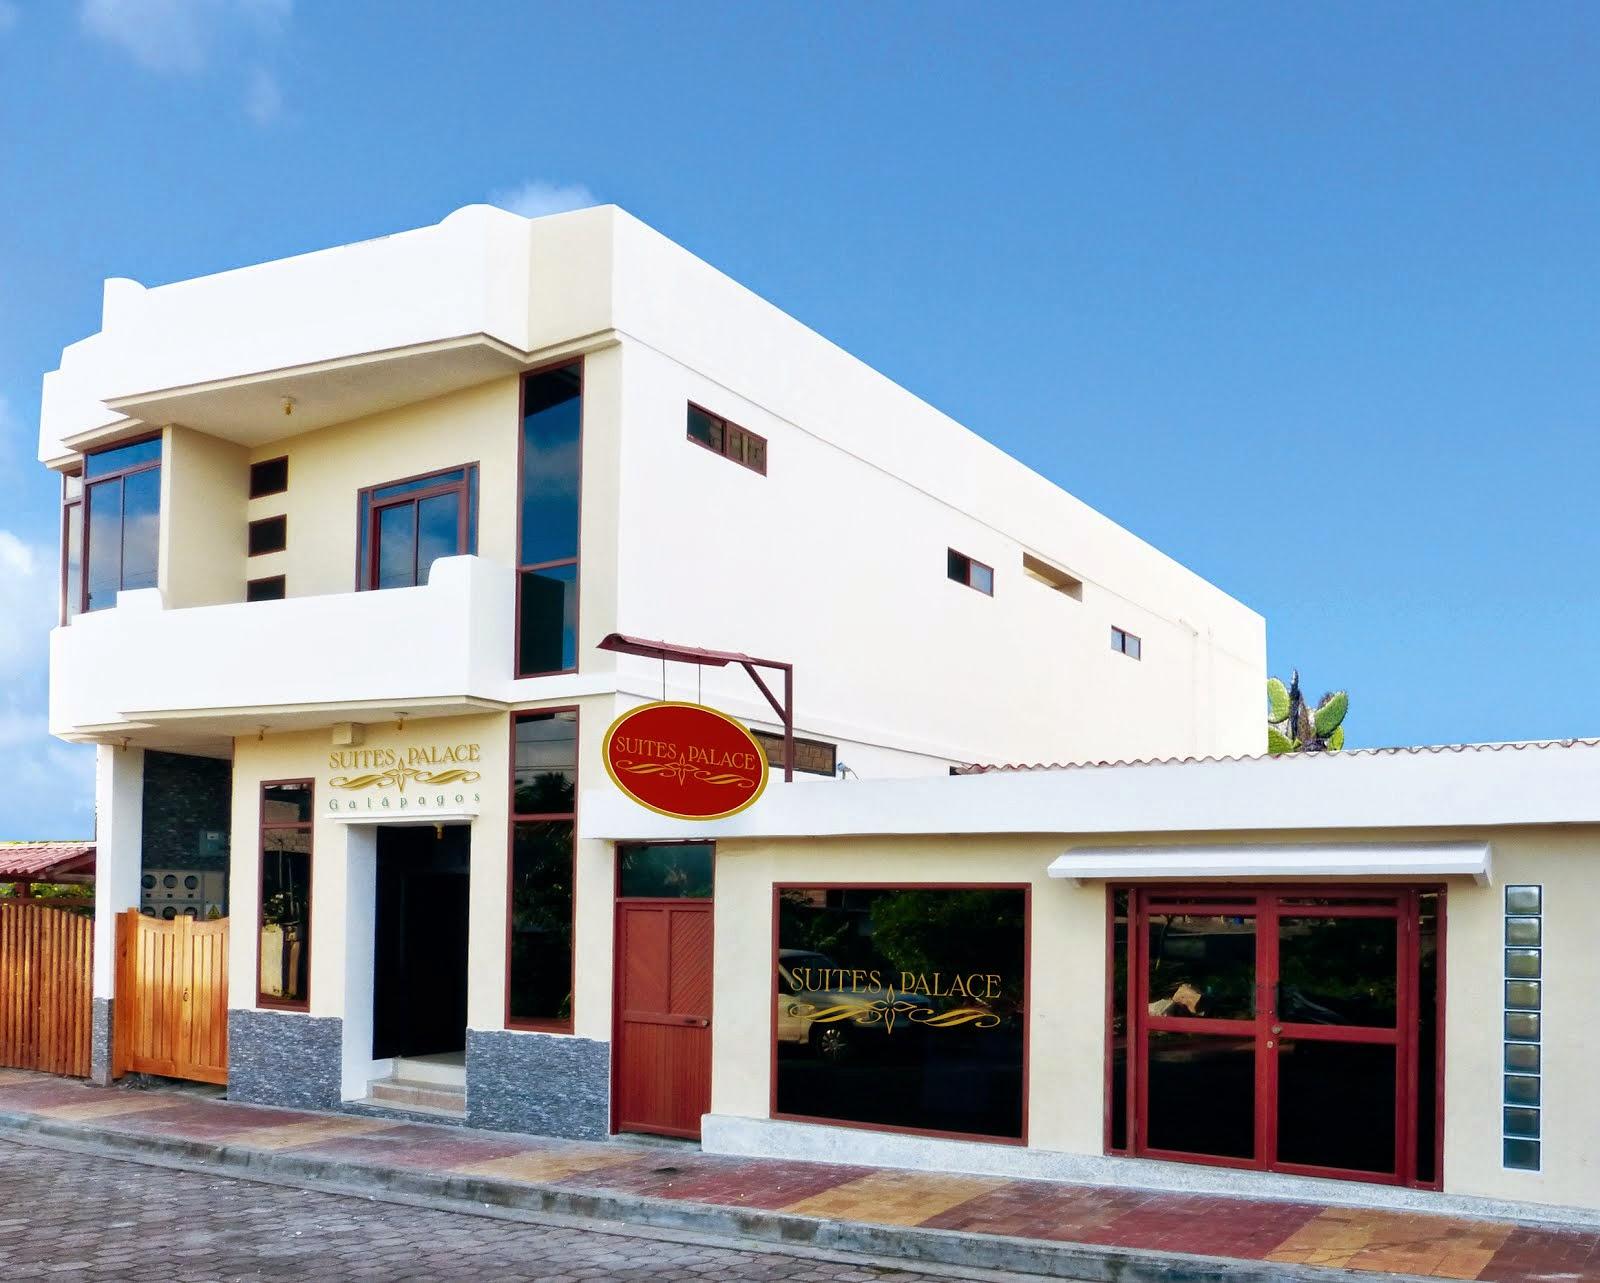 Galápagos Suites Palace